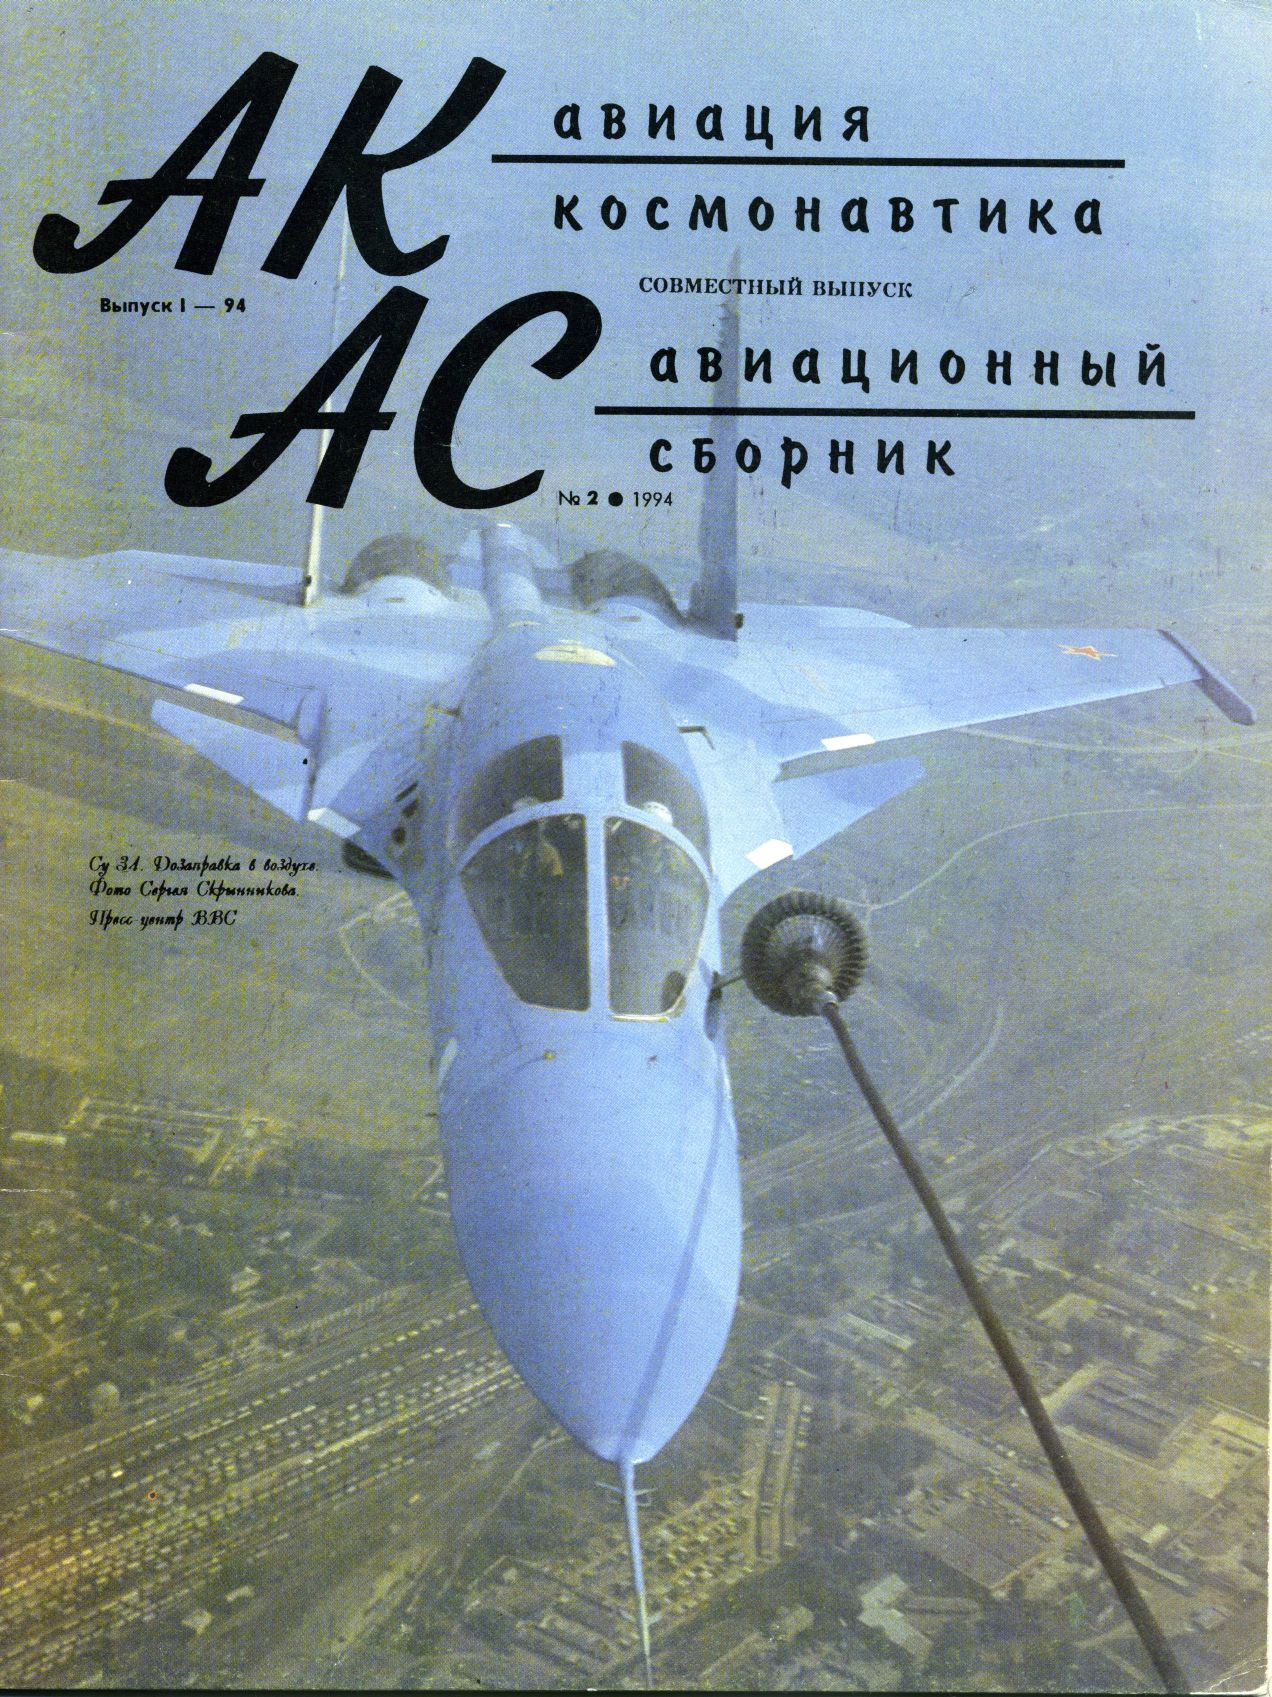 Автор неизвестен - Авиация и космонавтика 1994 01 скачать бесплатно